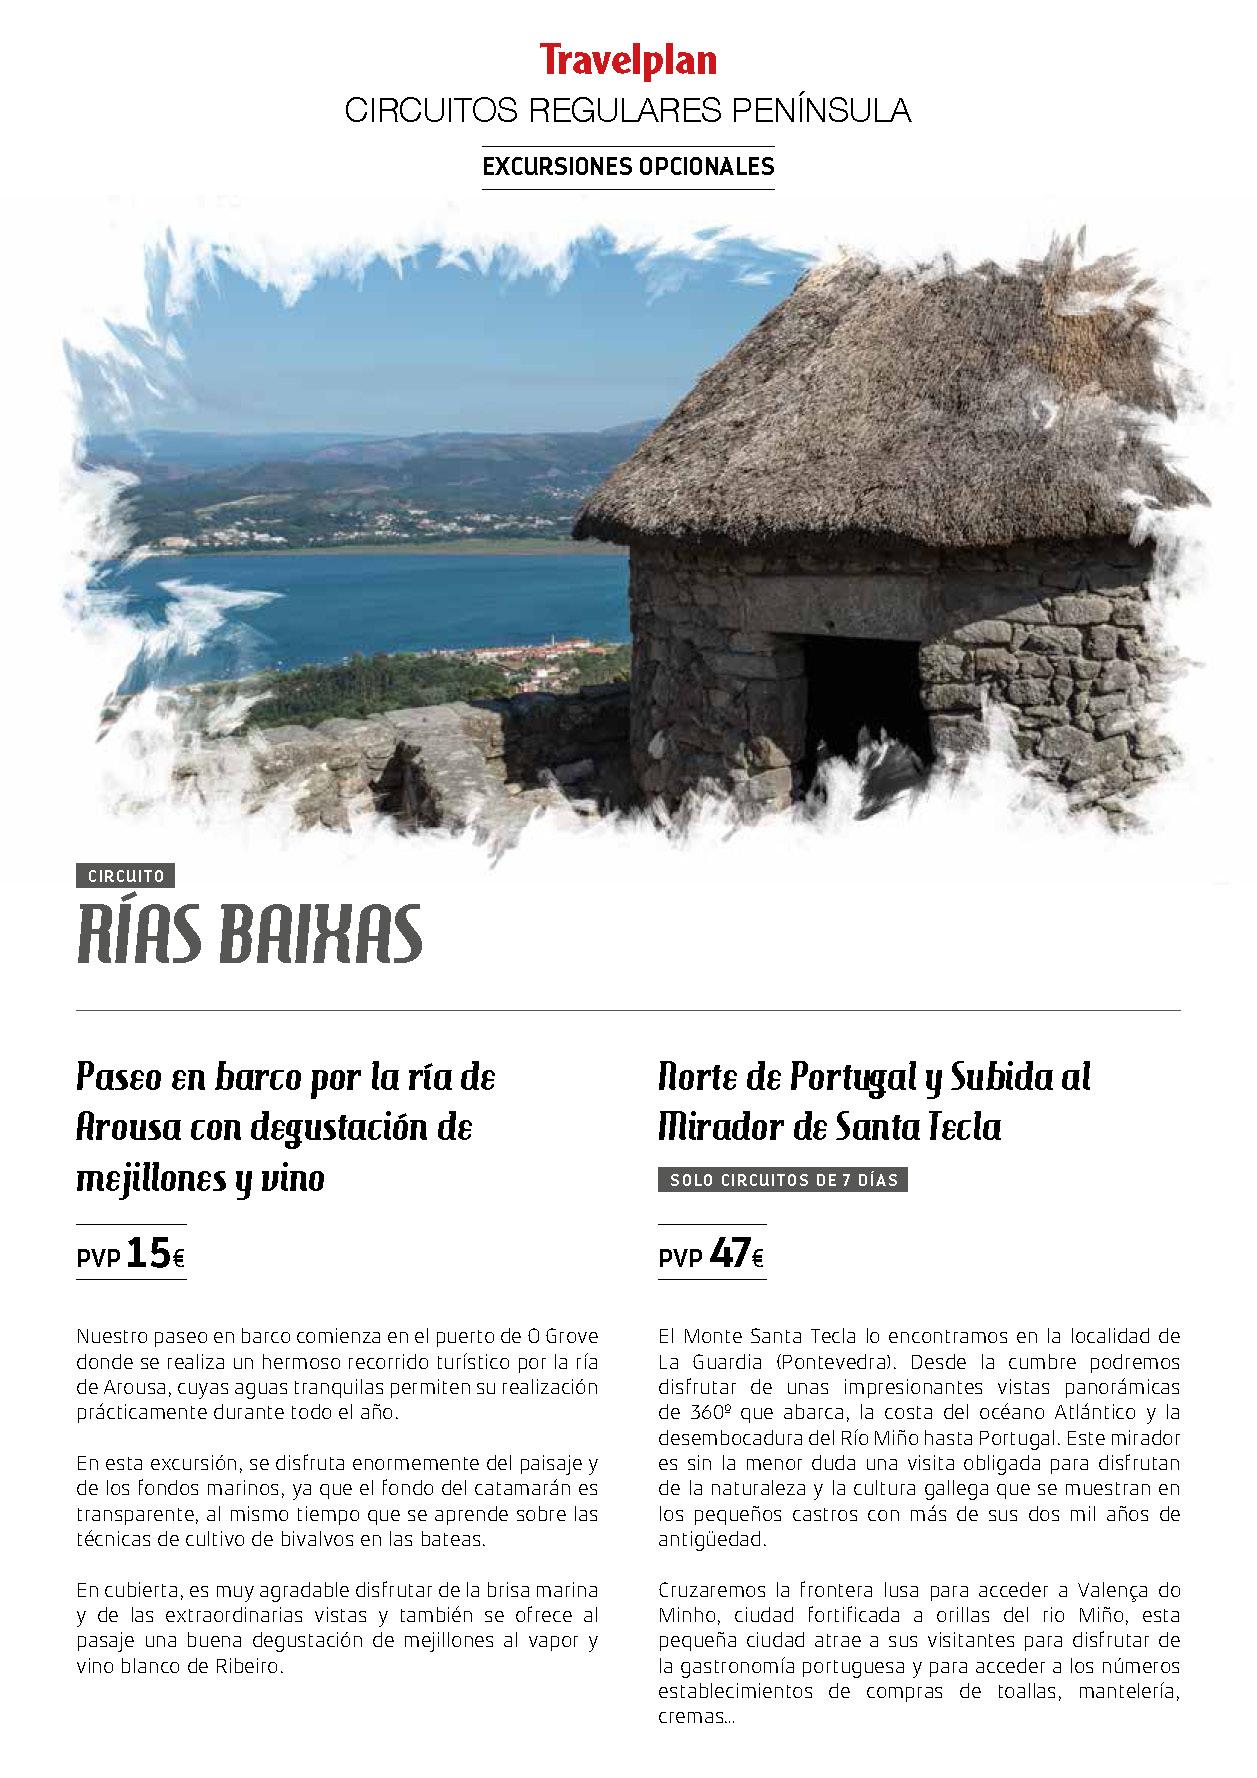 Catalogo Travelplan Excursiones Opcionales en Espana